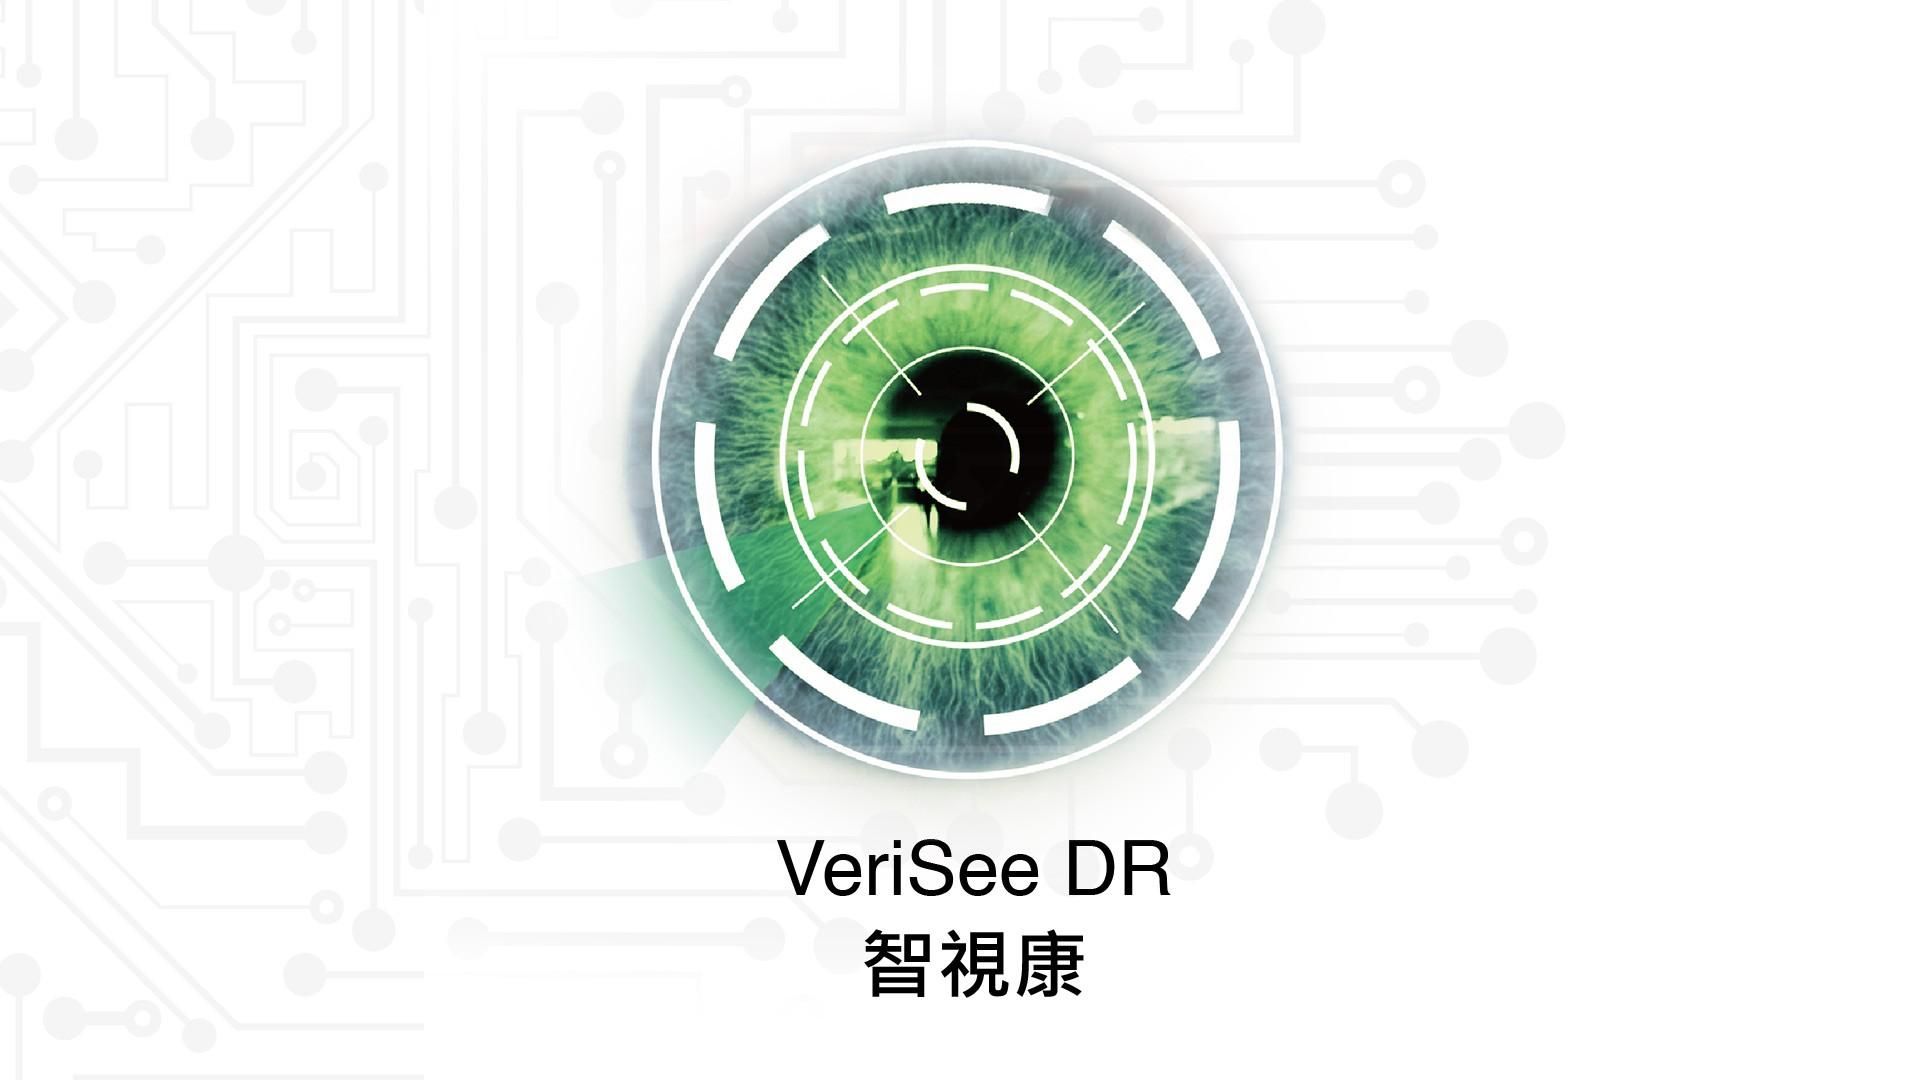 智視康 / 宏碁股份有限公司